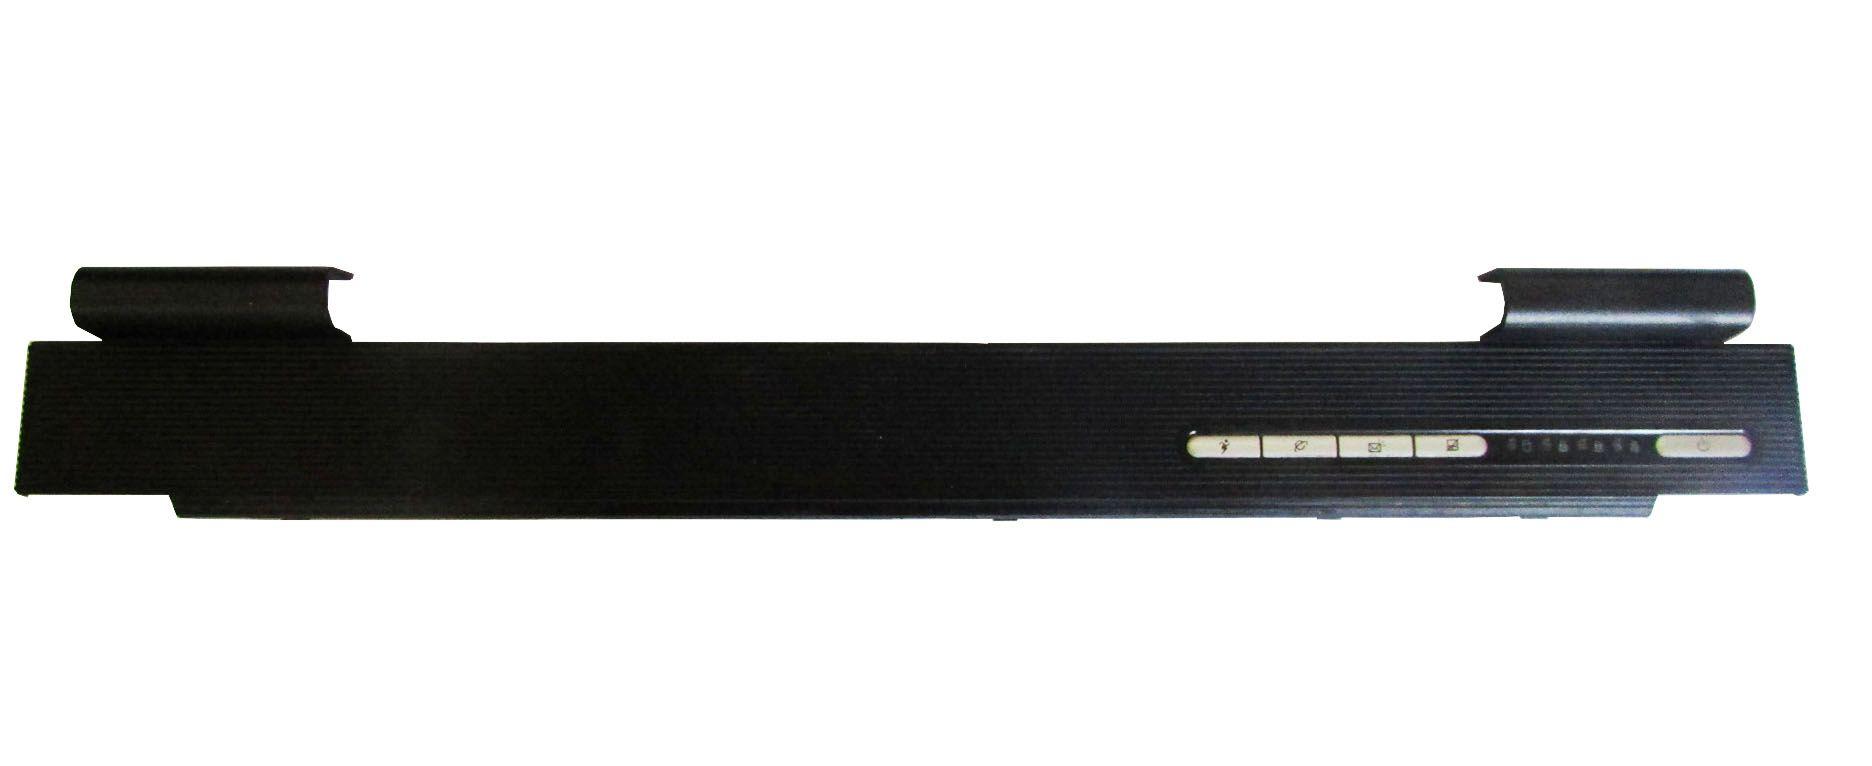 Régua Do Botão Power Notebook Acer P/N: 13gni57ap010-2 (semi novo)